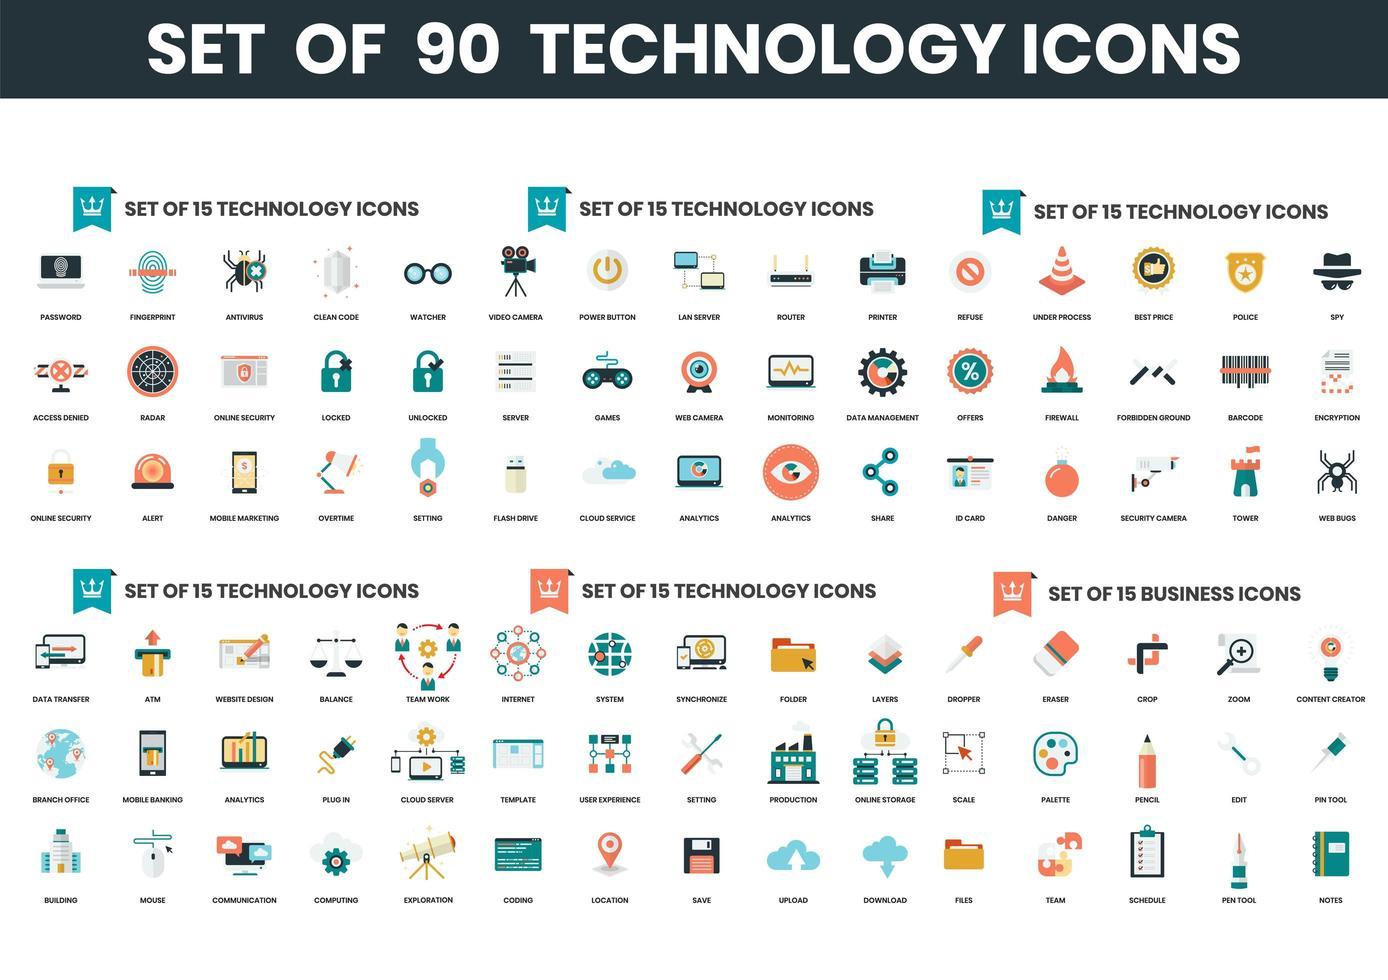 conjunto de 90 iconos de tecnología vector